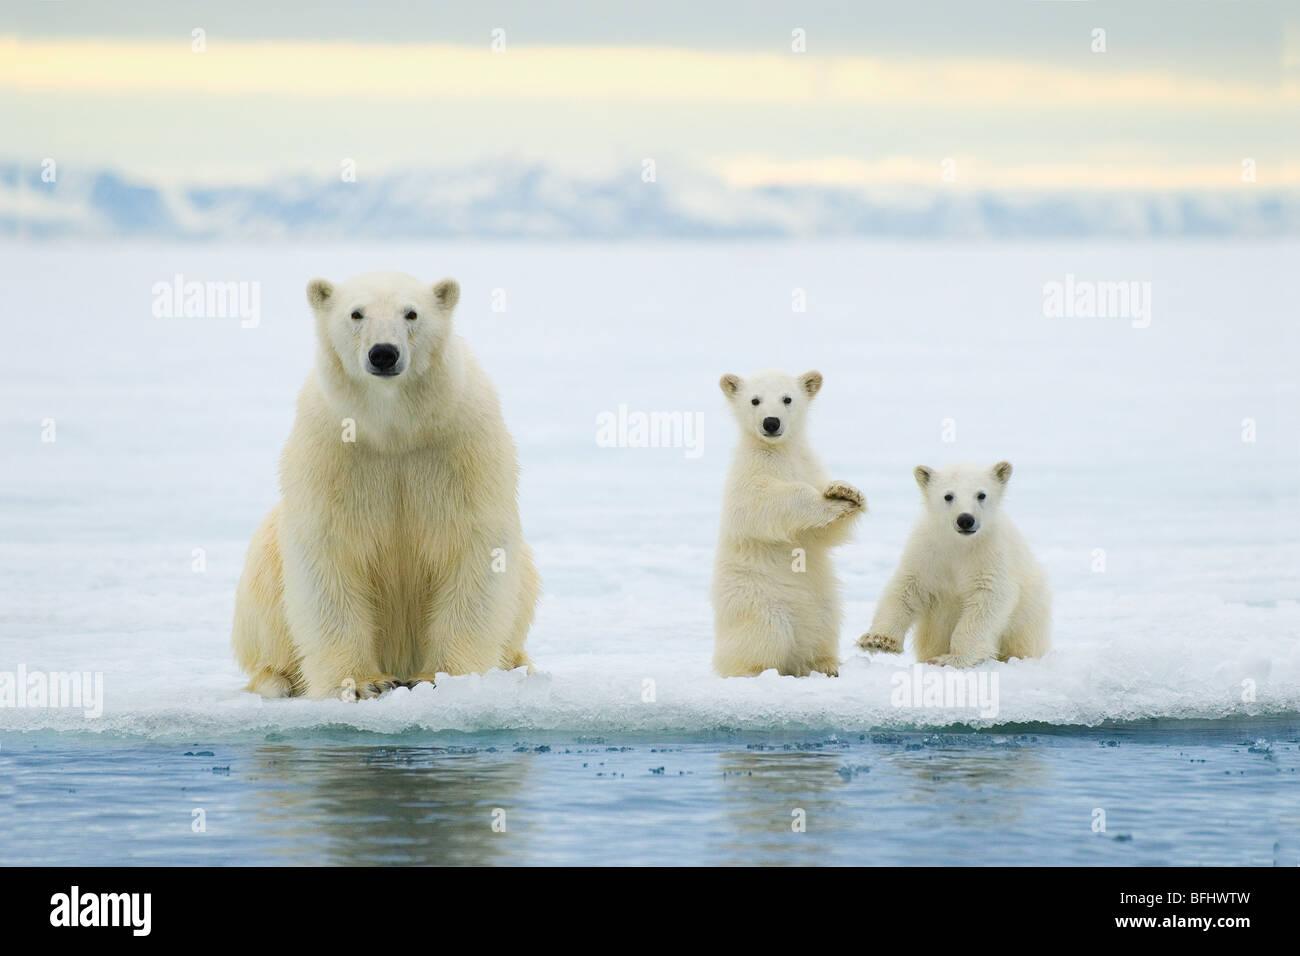 Orso polare madre (Ursus maritimus) e twin cubs dell'anno caccia sulla banchisa, arcipelago delle Svalbard, Immagini Stock